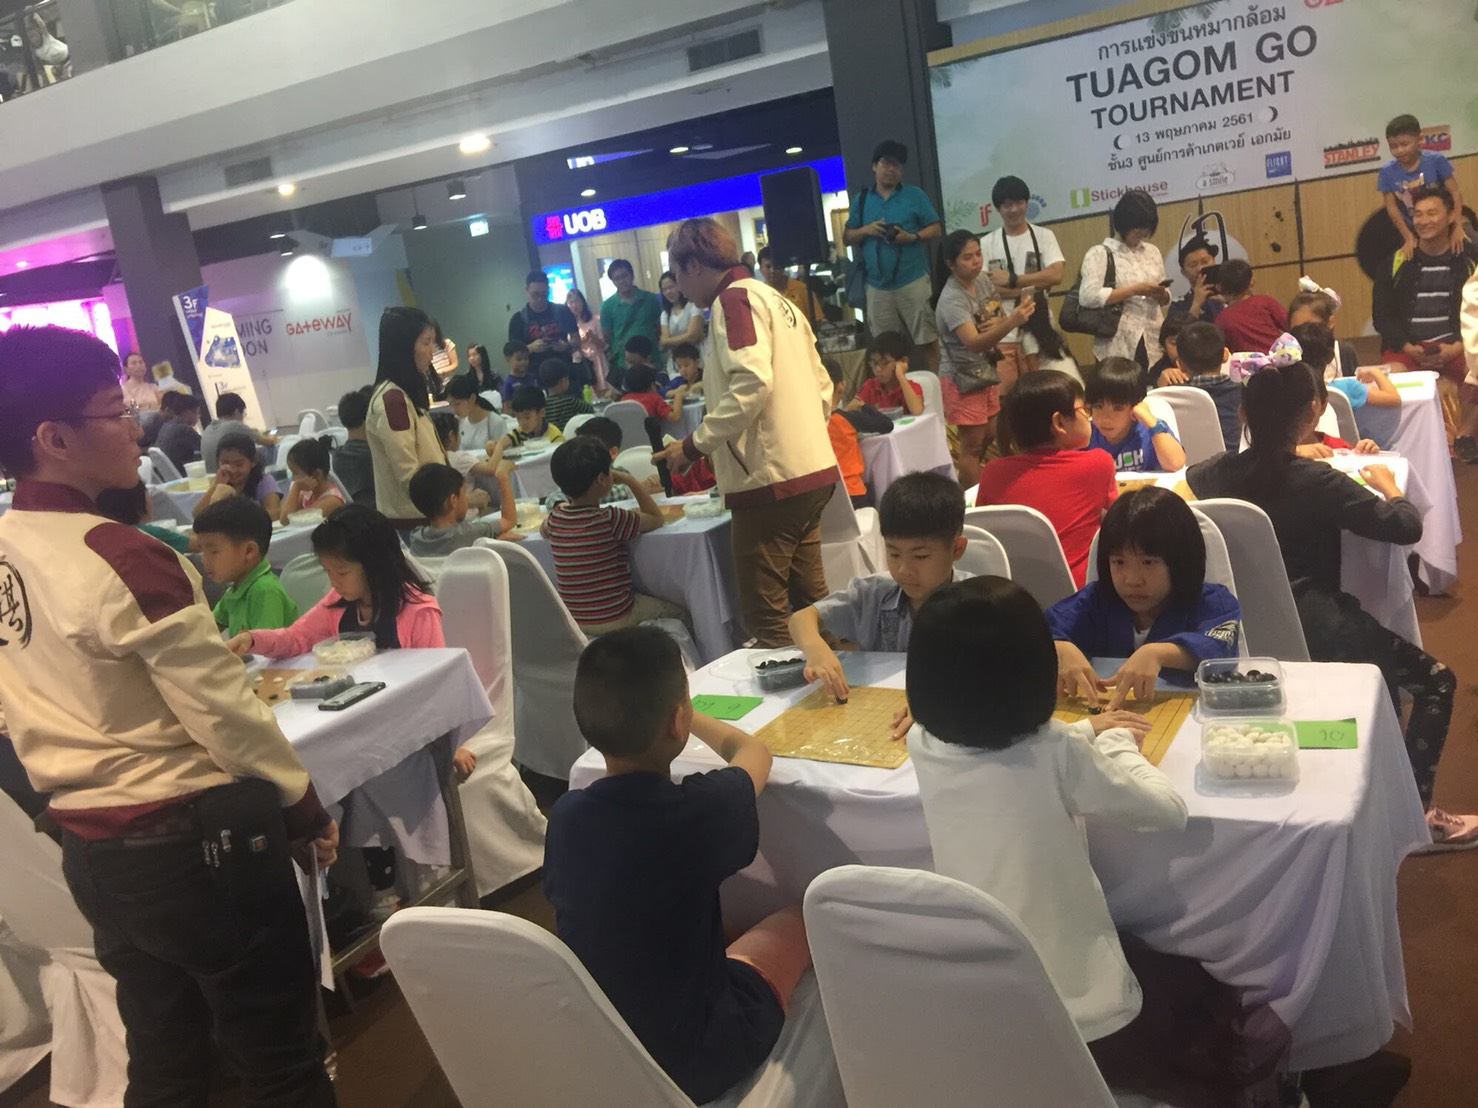 The Tuagom Go Tournament in full swing